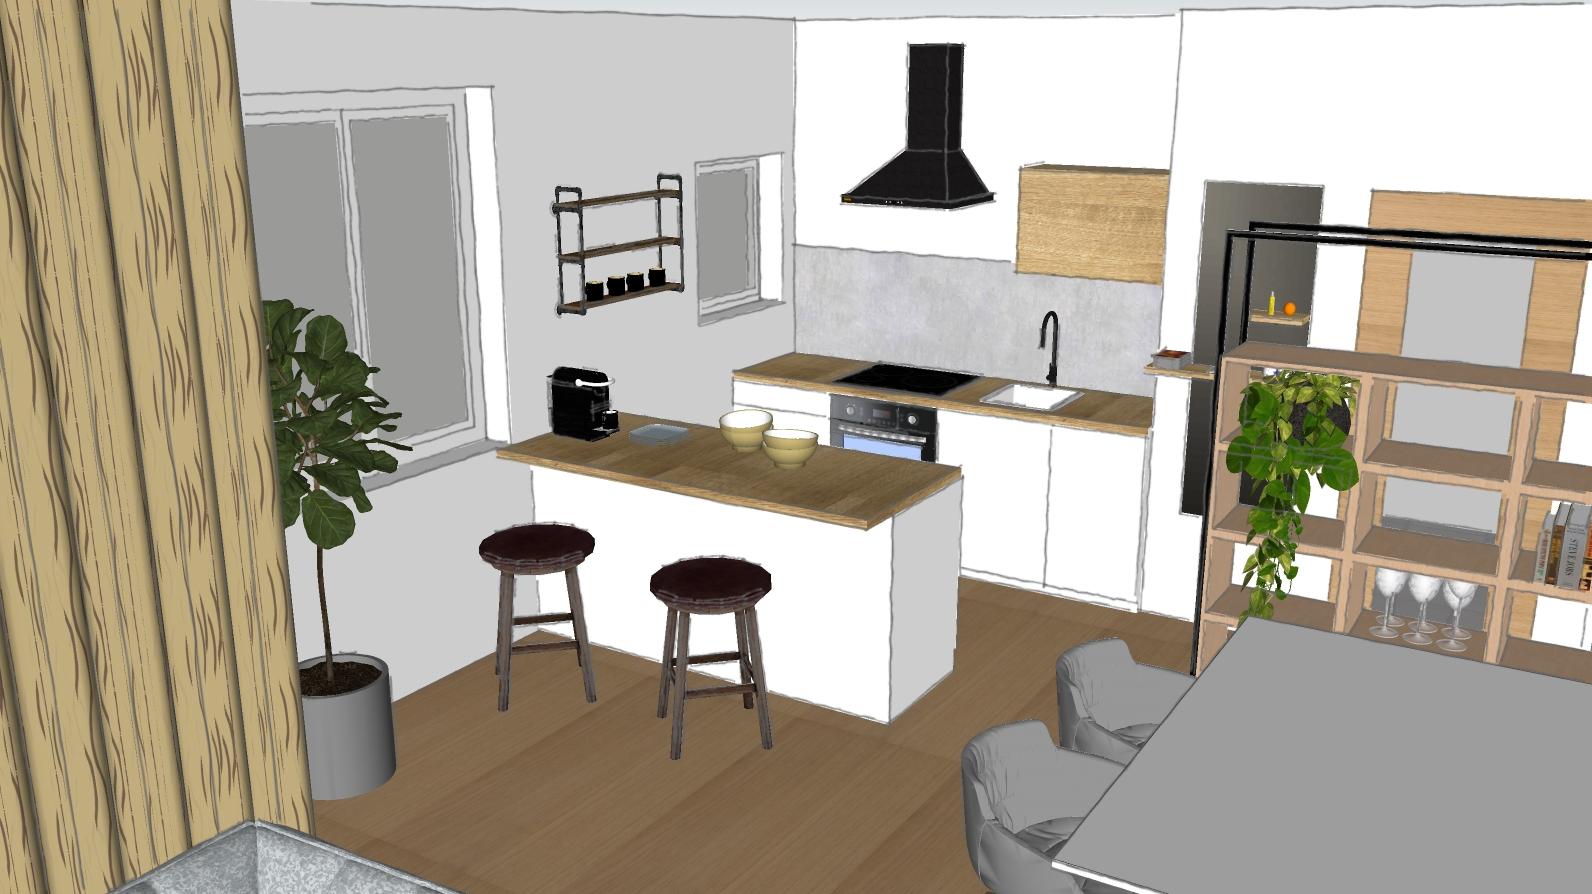 Küchengestaltung 3D Entwurf